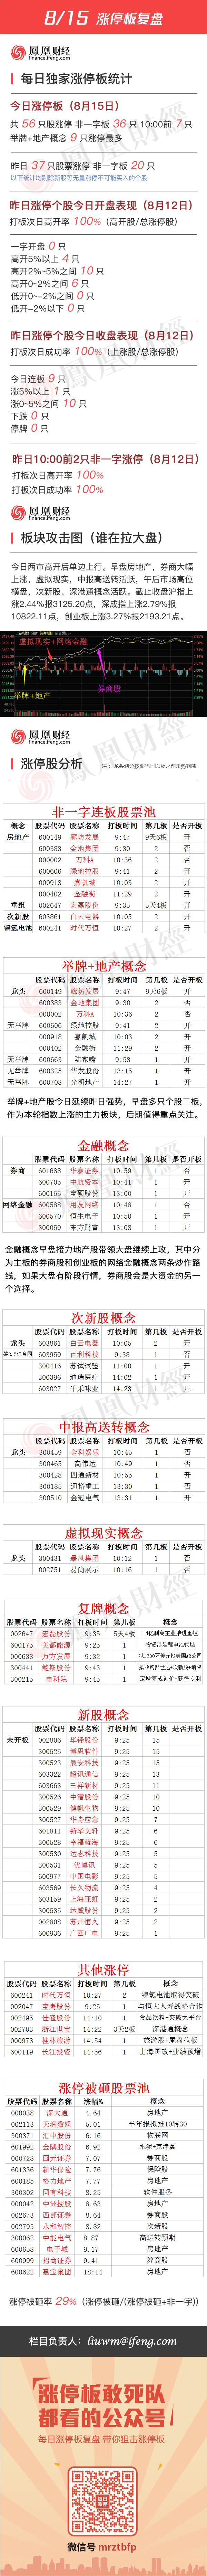 2016年8月15日涨停板复盘 - 小美 - xing1969wuw的博客